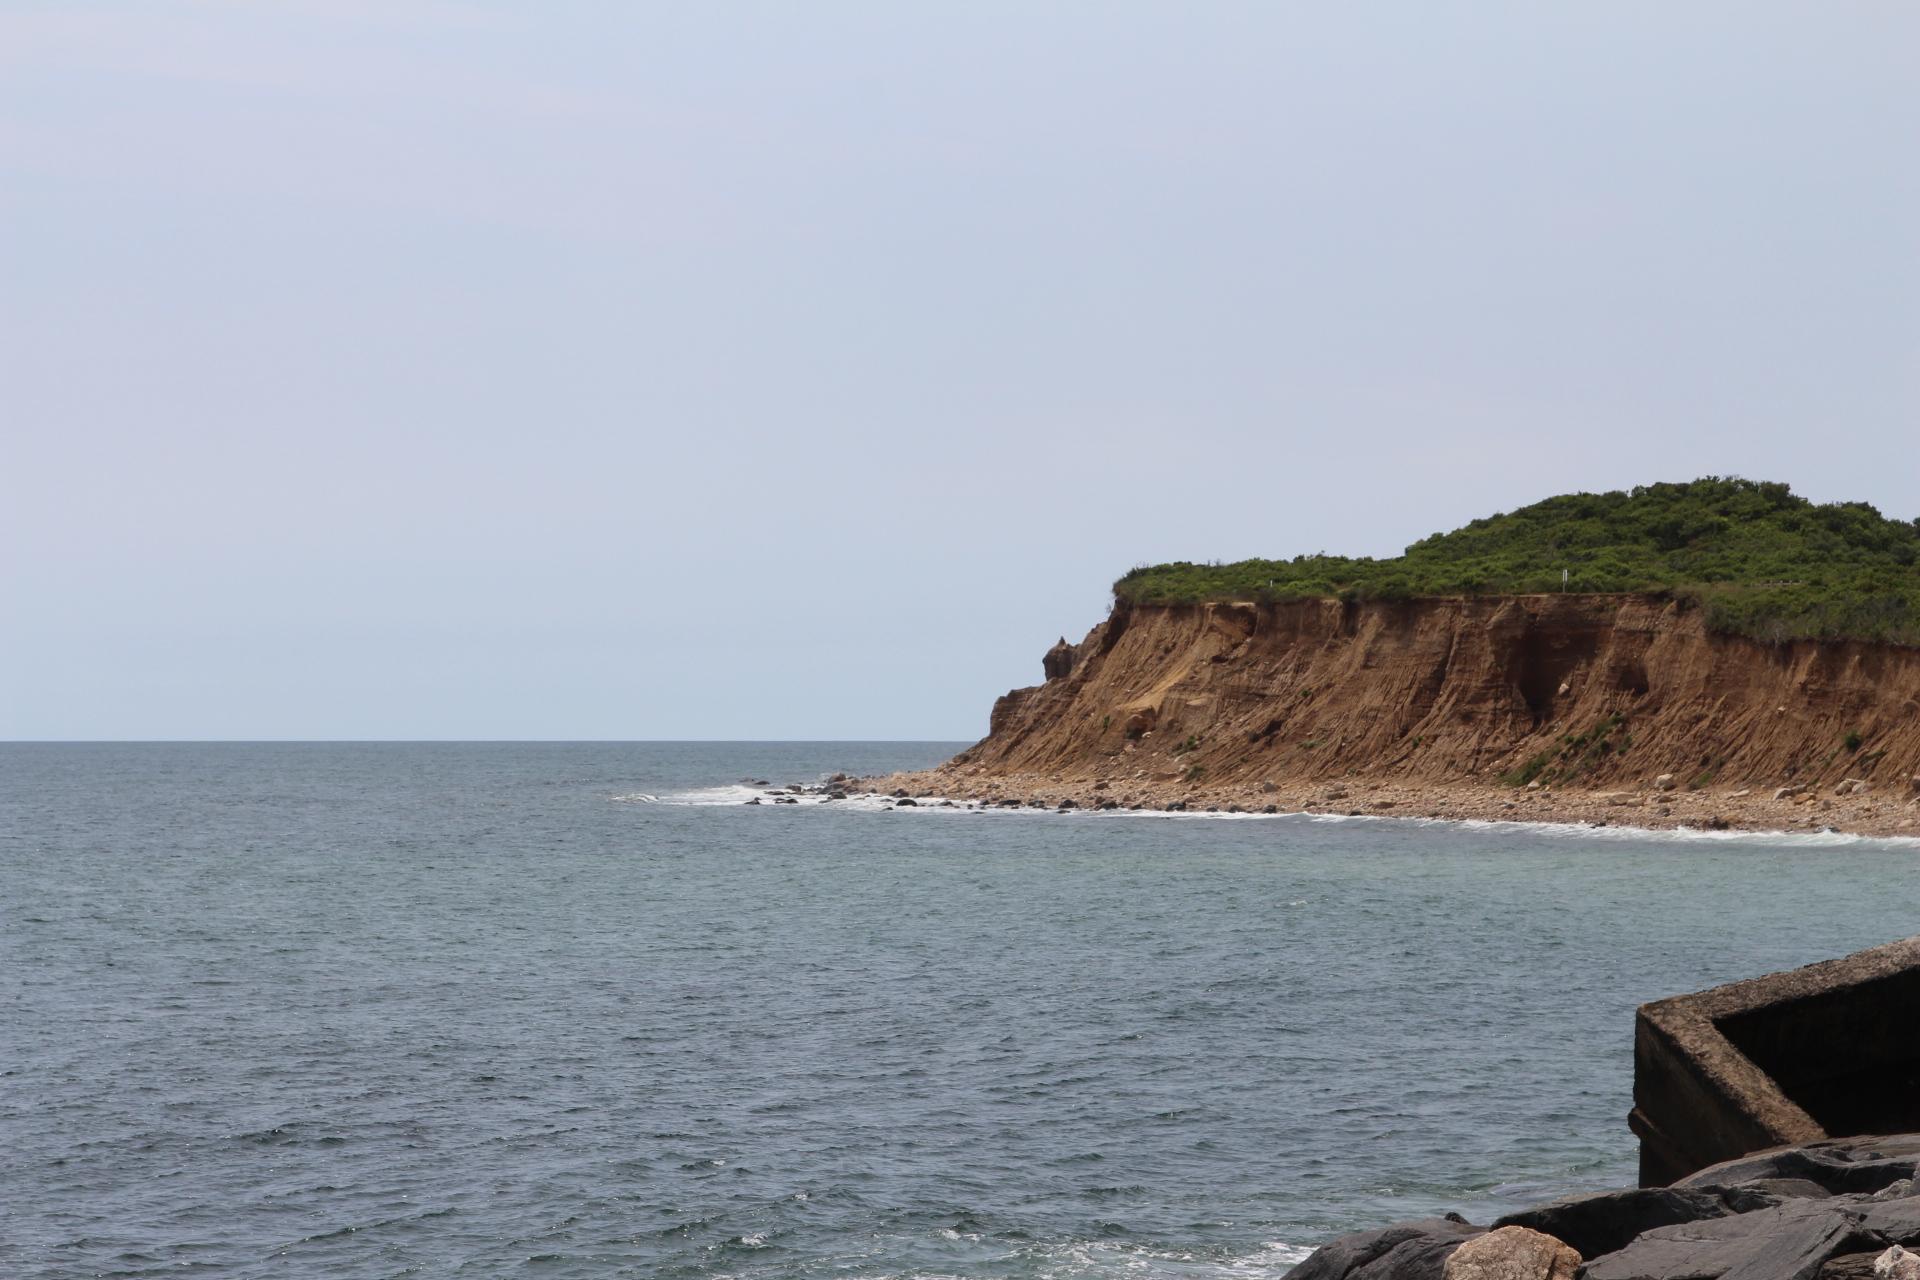 Island outcrop_6